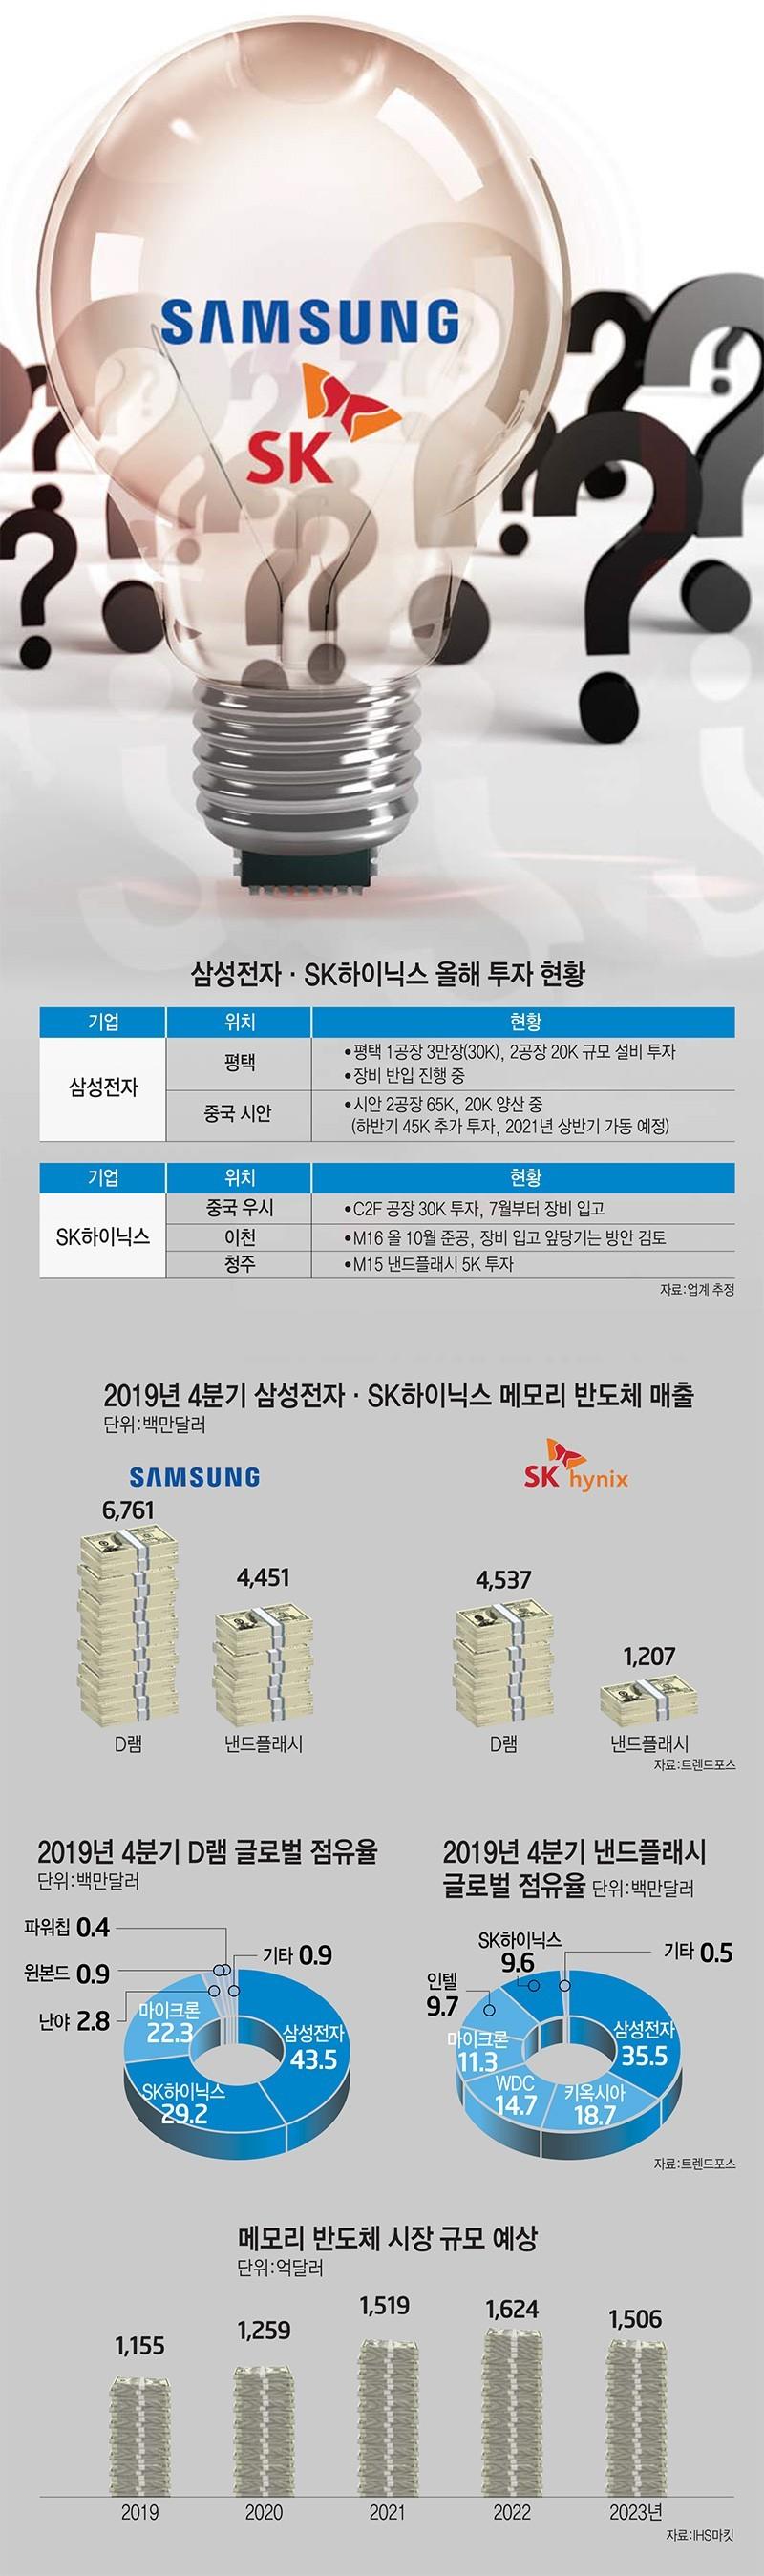 [이슈분석] 韓 메모리, 코로나19에도 투자 '고삐'